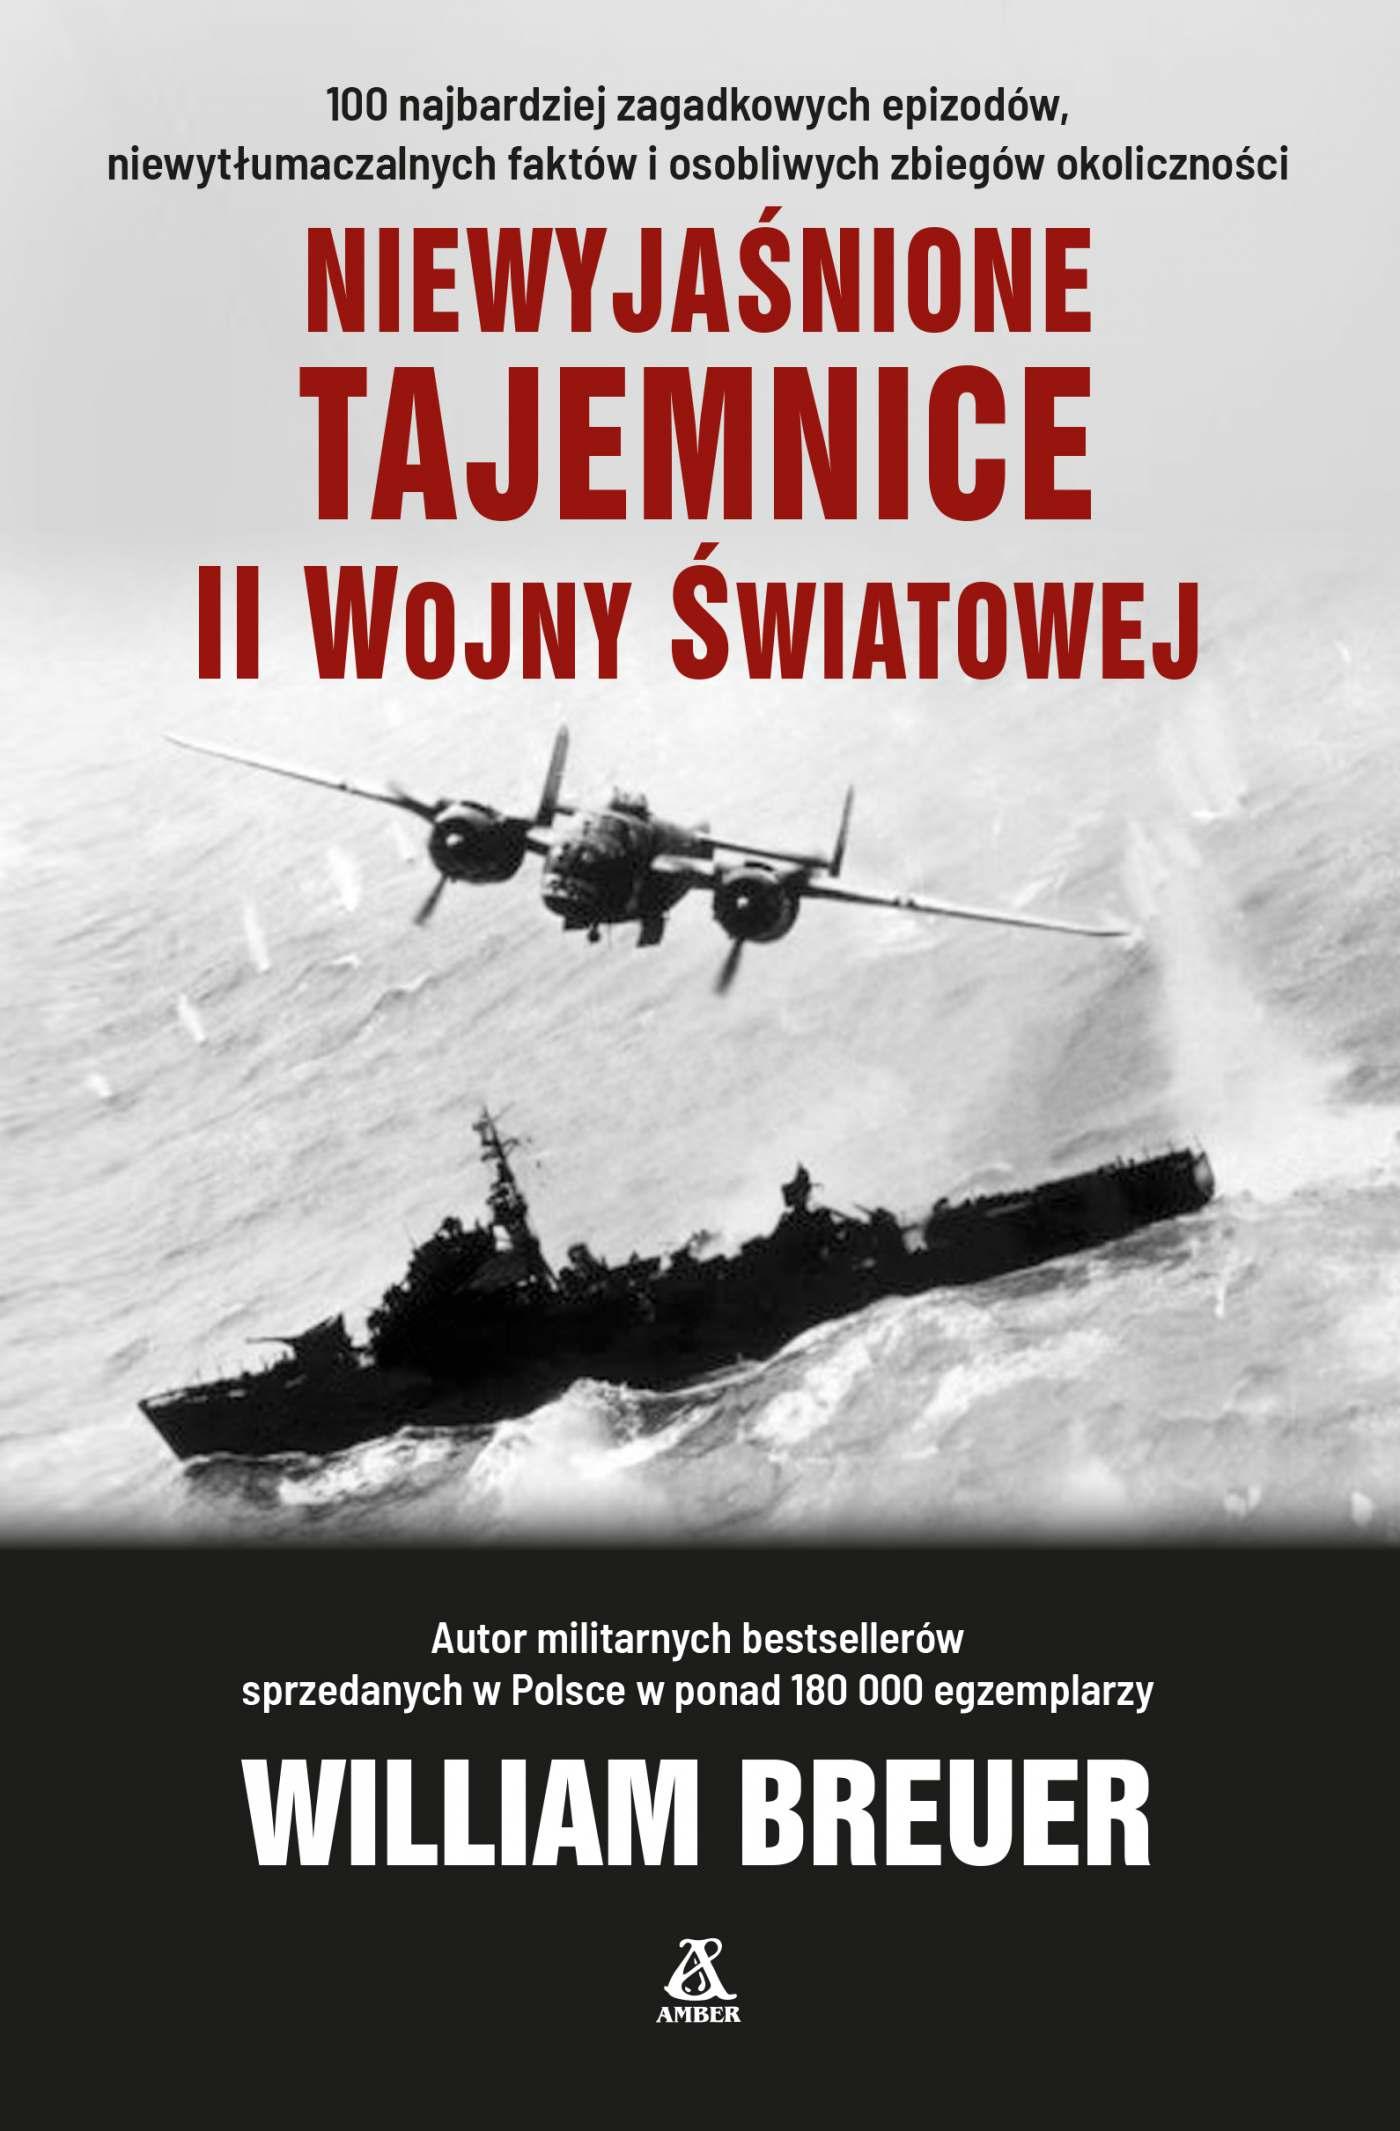 Niewyjaśnione tajemnice II wojny światowej - Ebook (Książka EPUB) do pobrania w formacie EPUB